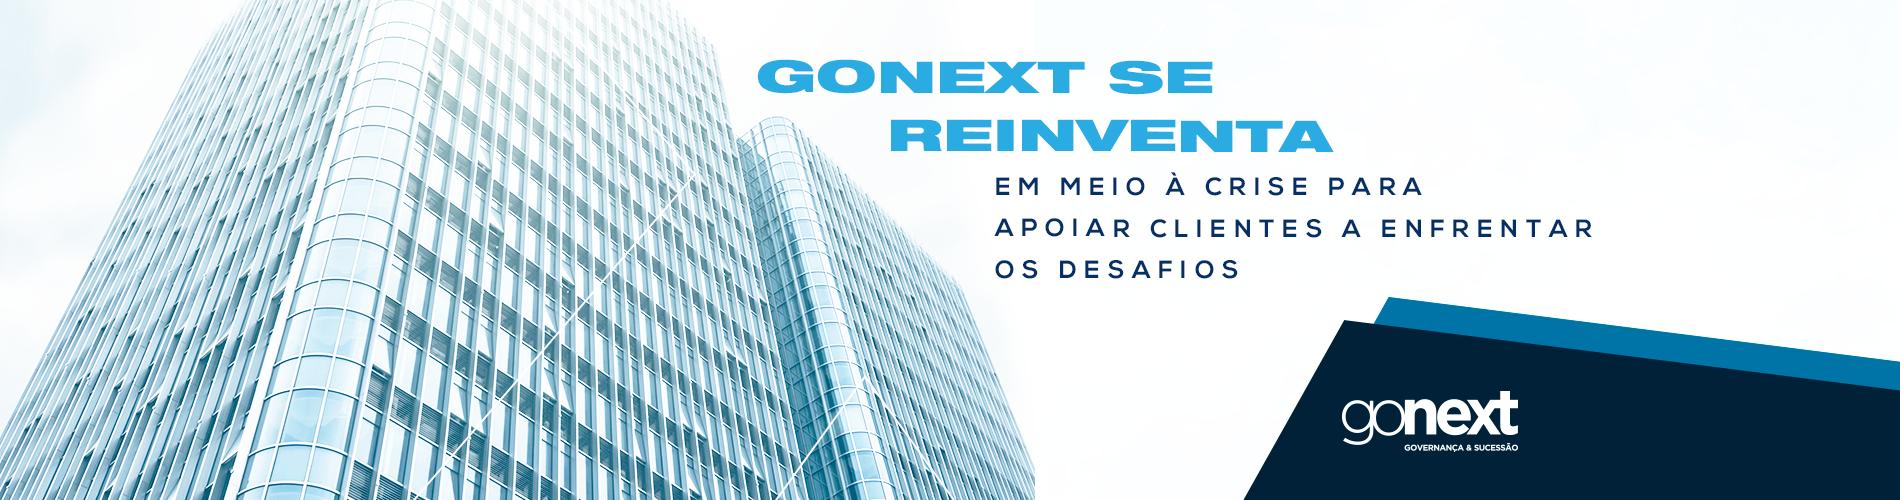 GoNext se reinventa em meio à crise para apoiar clientes a enfrentar os desafios